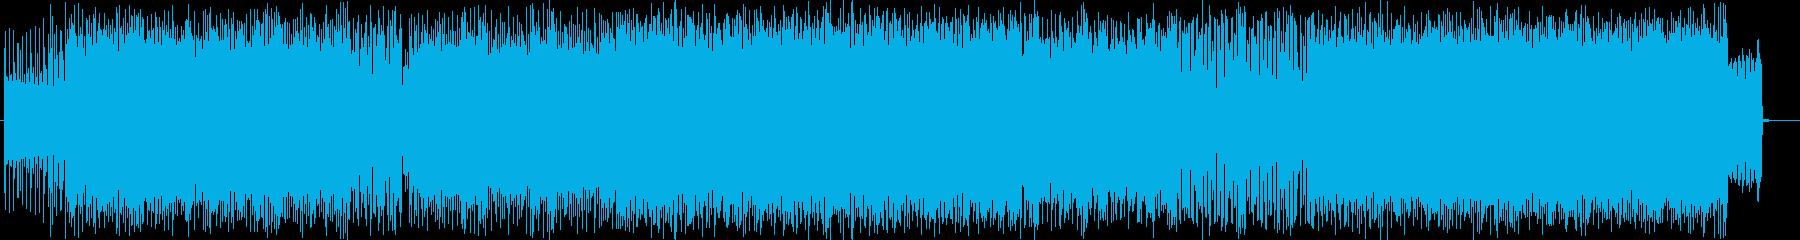 疾走感溢れるクールなエレキメロディーの再生済みの波形